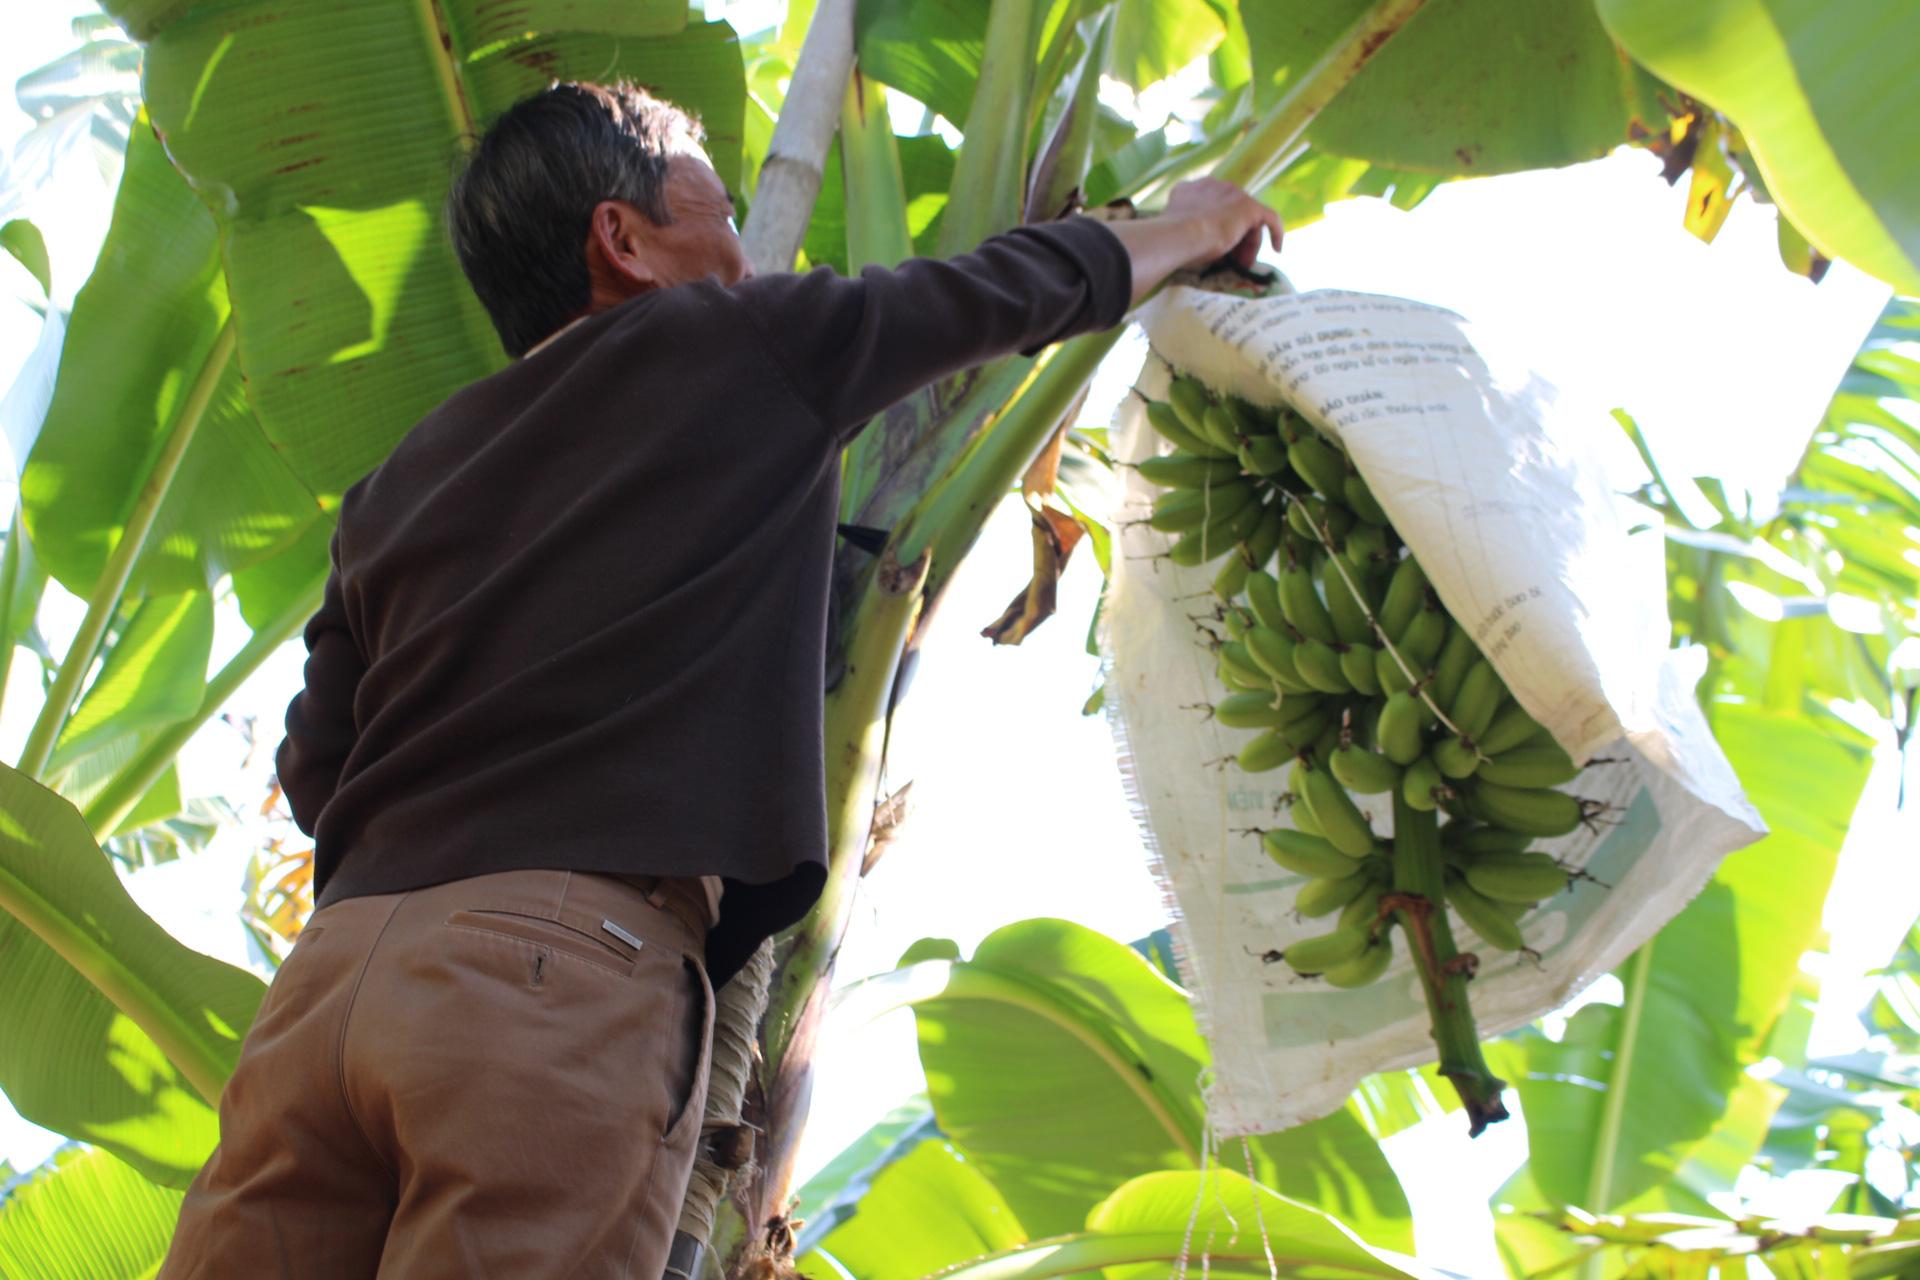 Khôi phục và bảo tồn thành công giống chuối quê làng Vũ Đại - Ảnh 1.